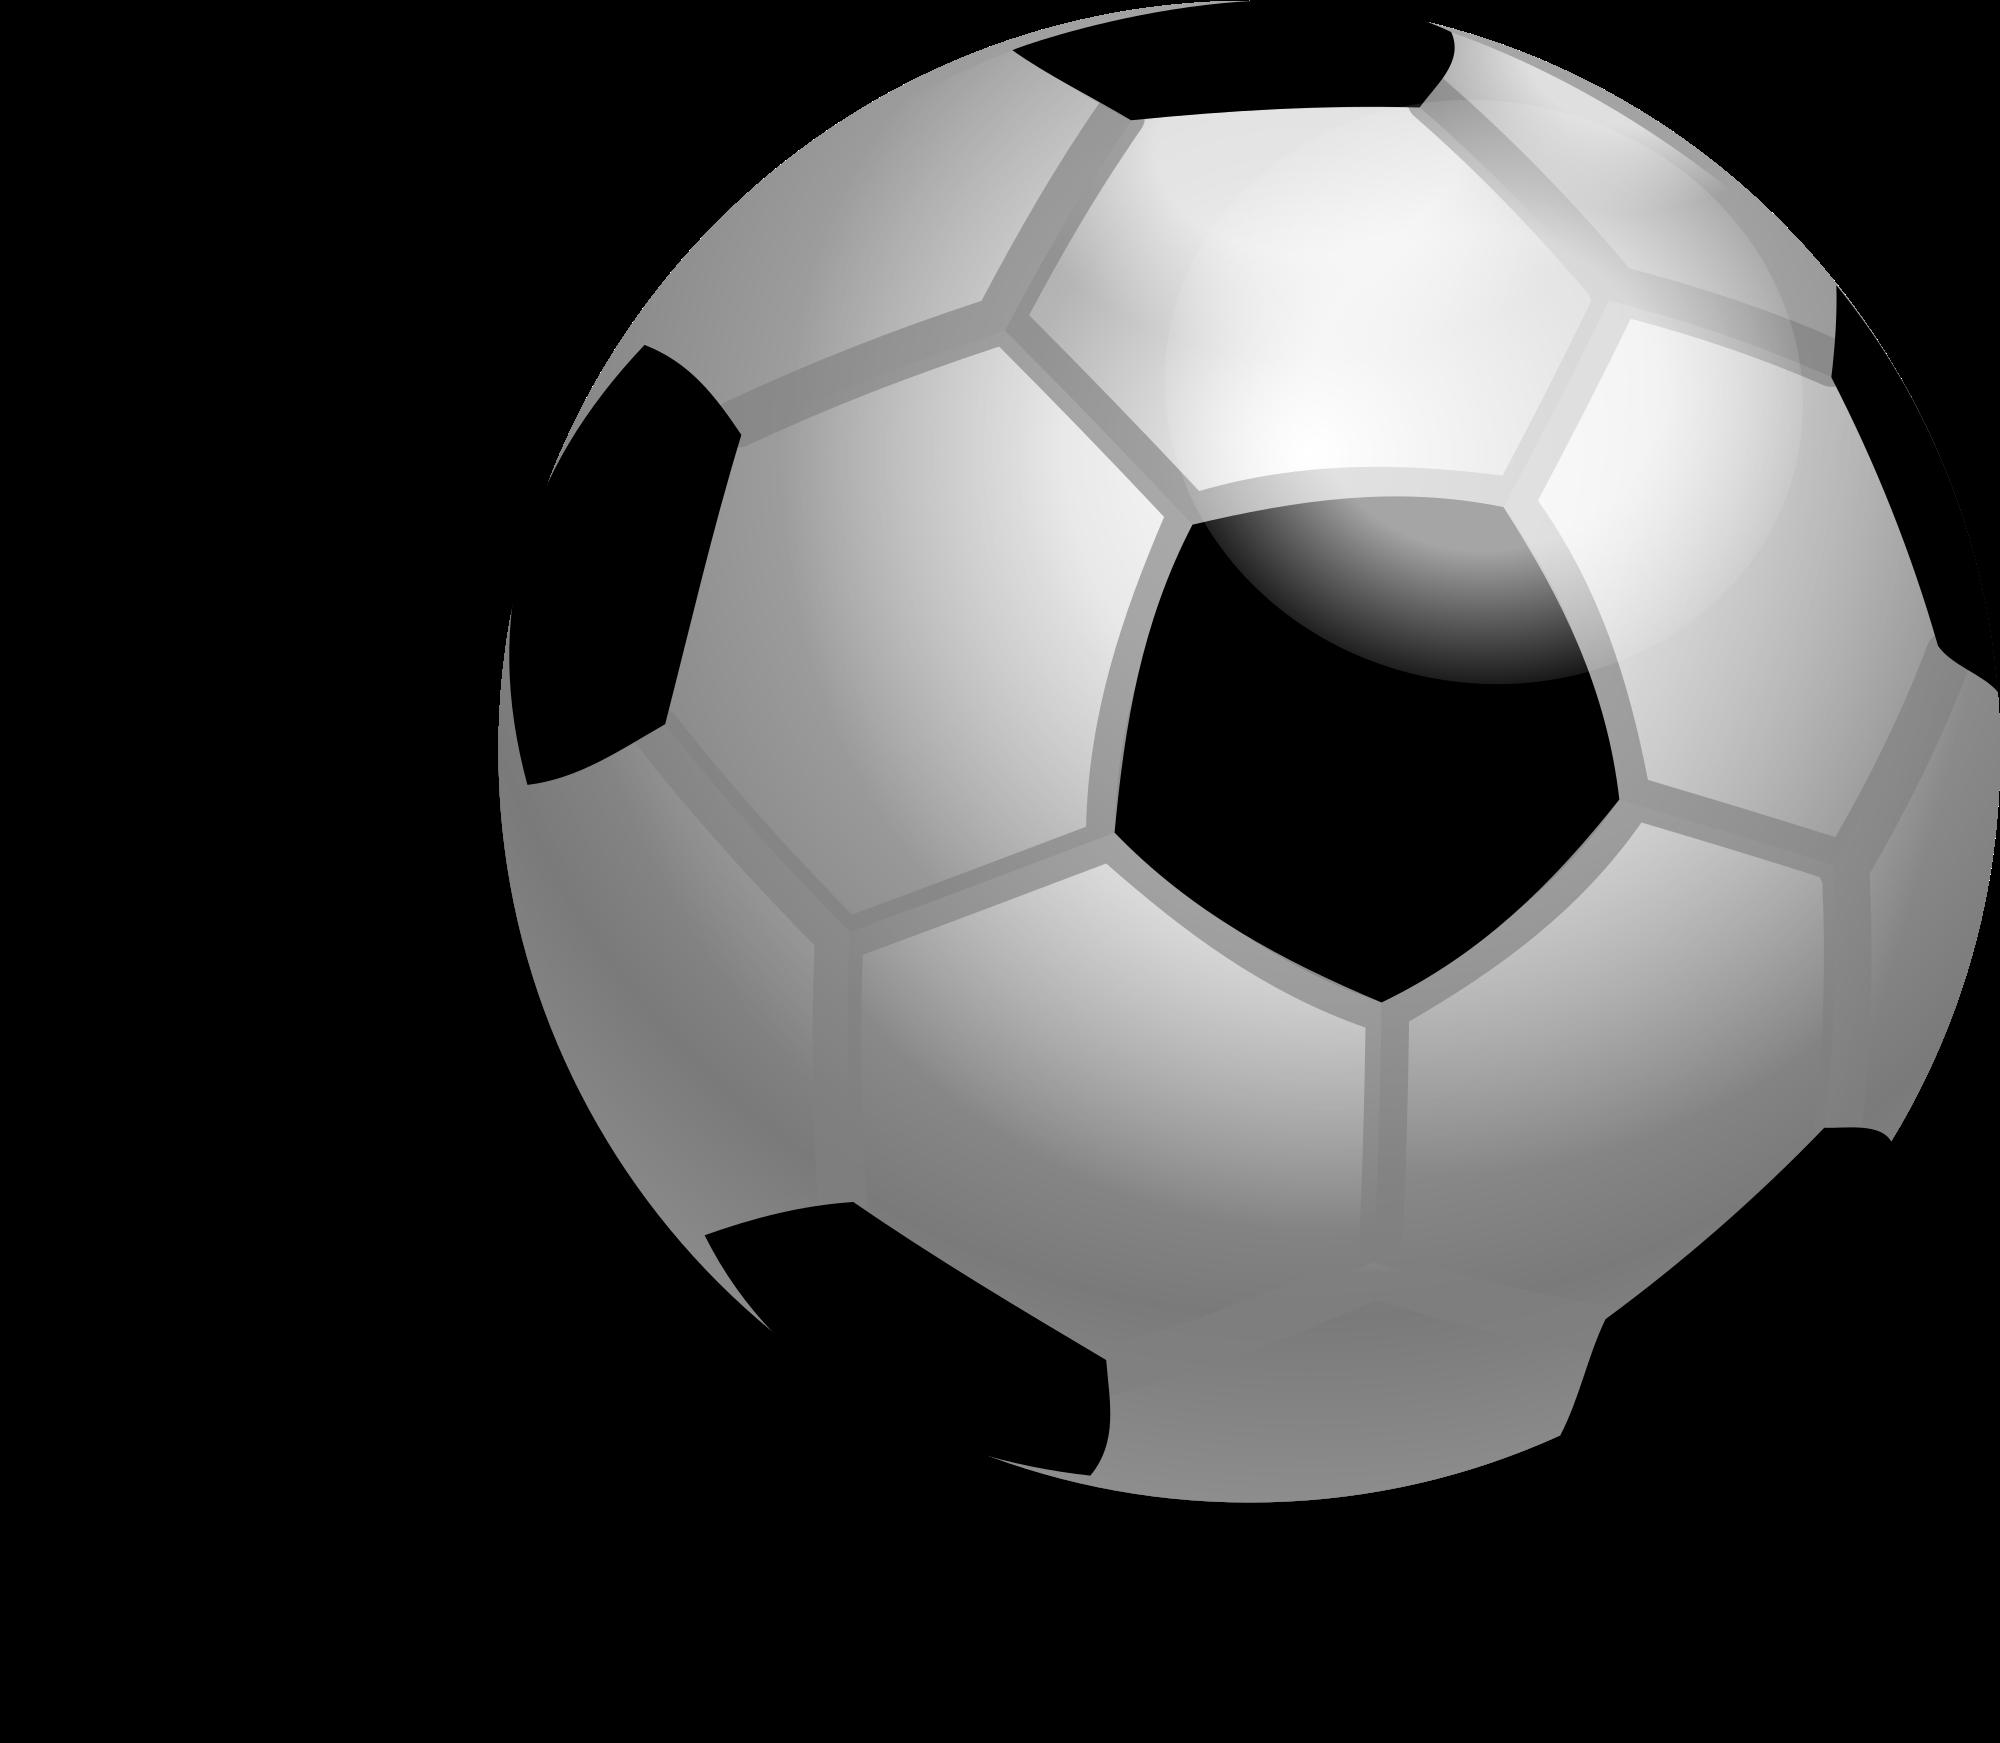 A soccer ball clip art 2